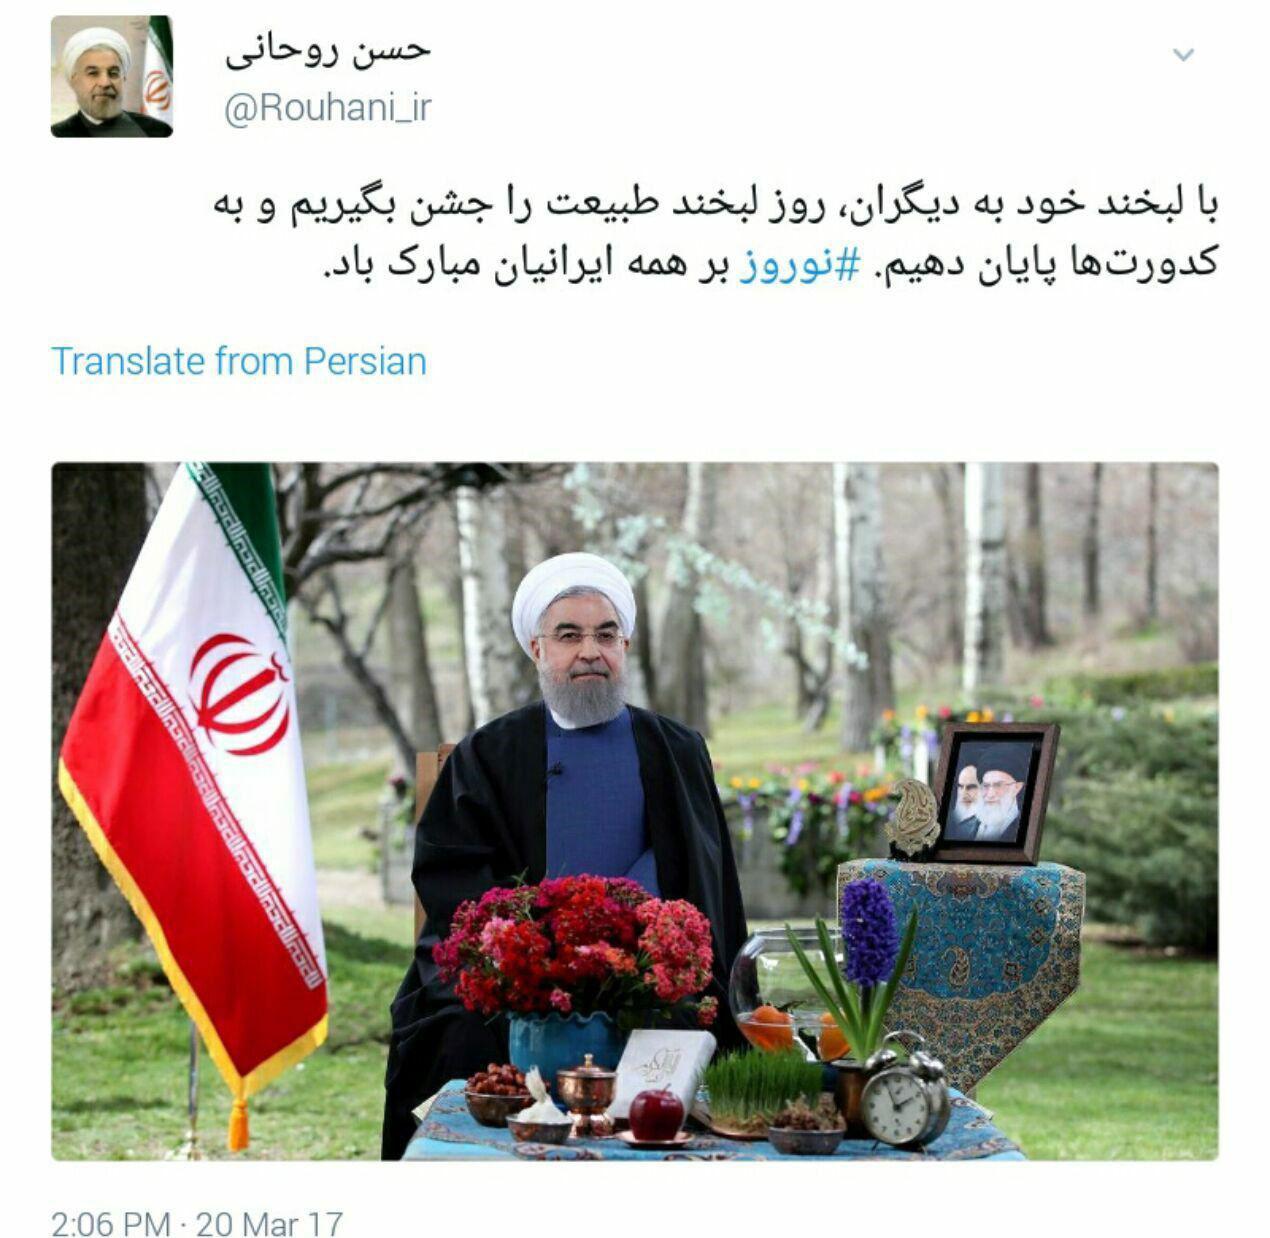 اولین پیام توئیتری روحانی در سال جدید